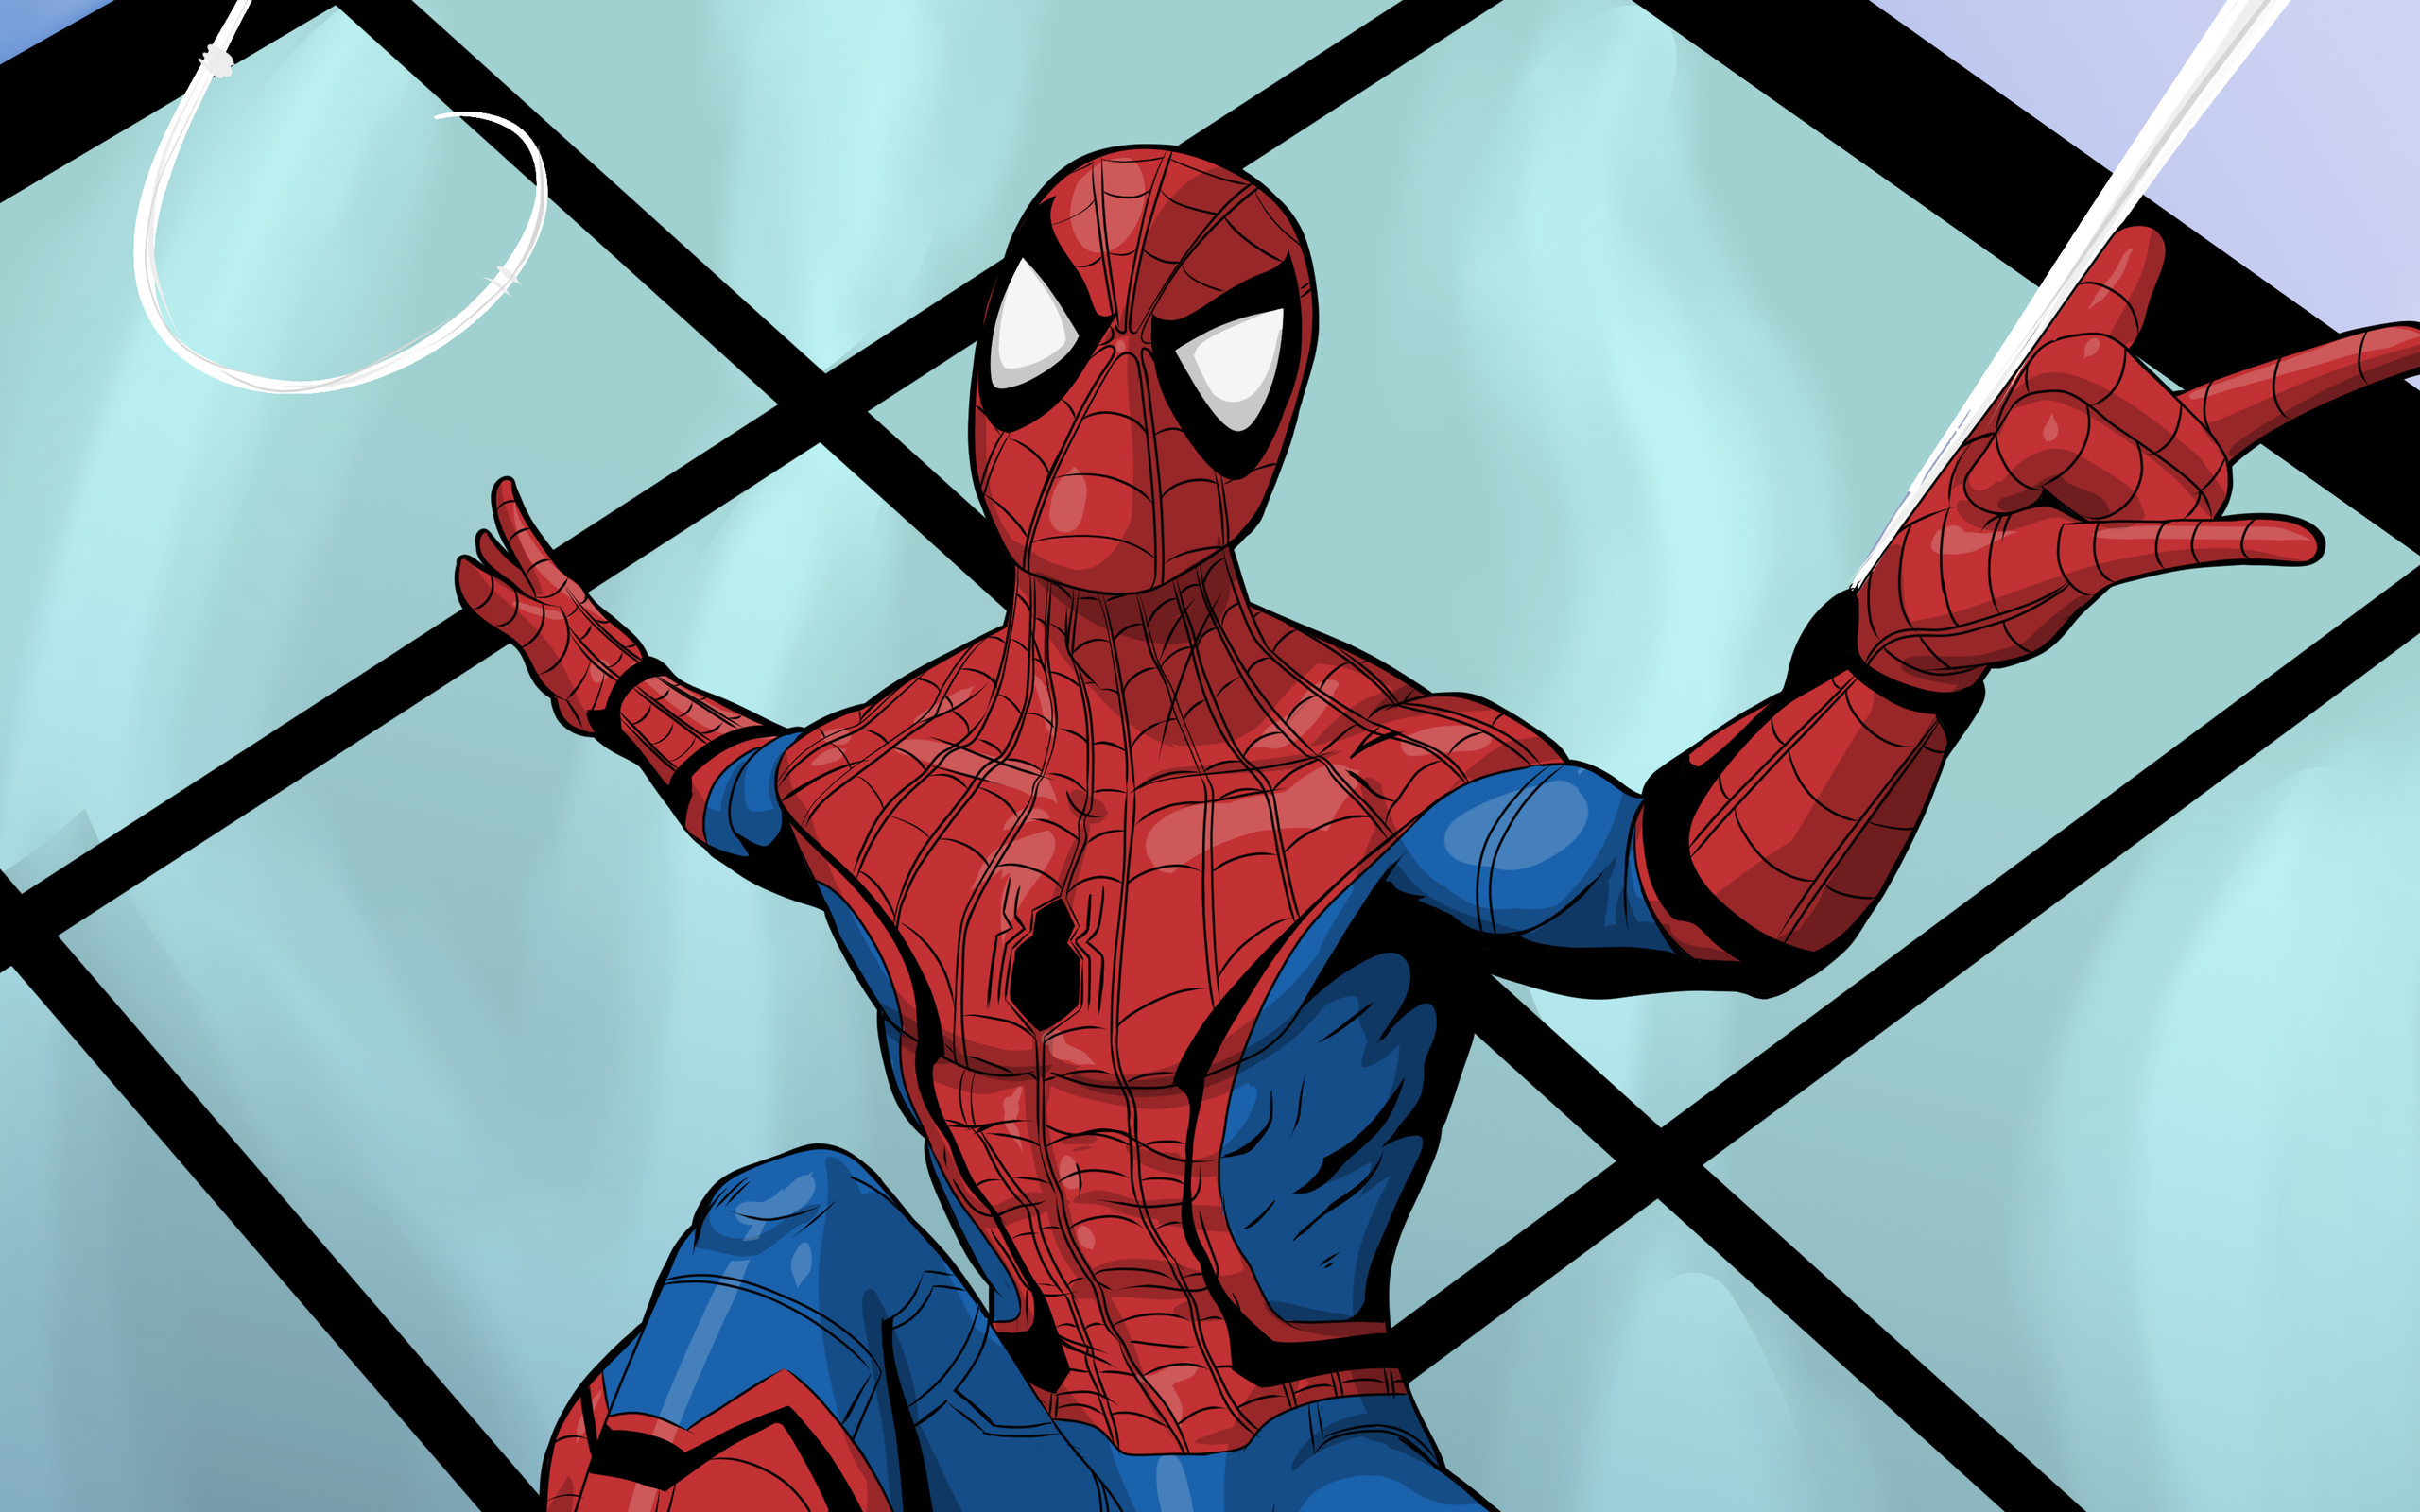 Spiderman Spider Web 4k 2018 Resolution HD 4k